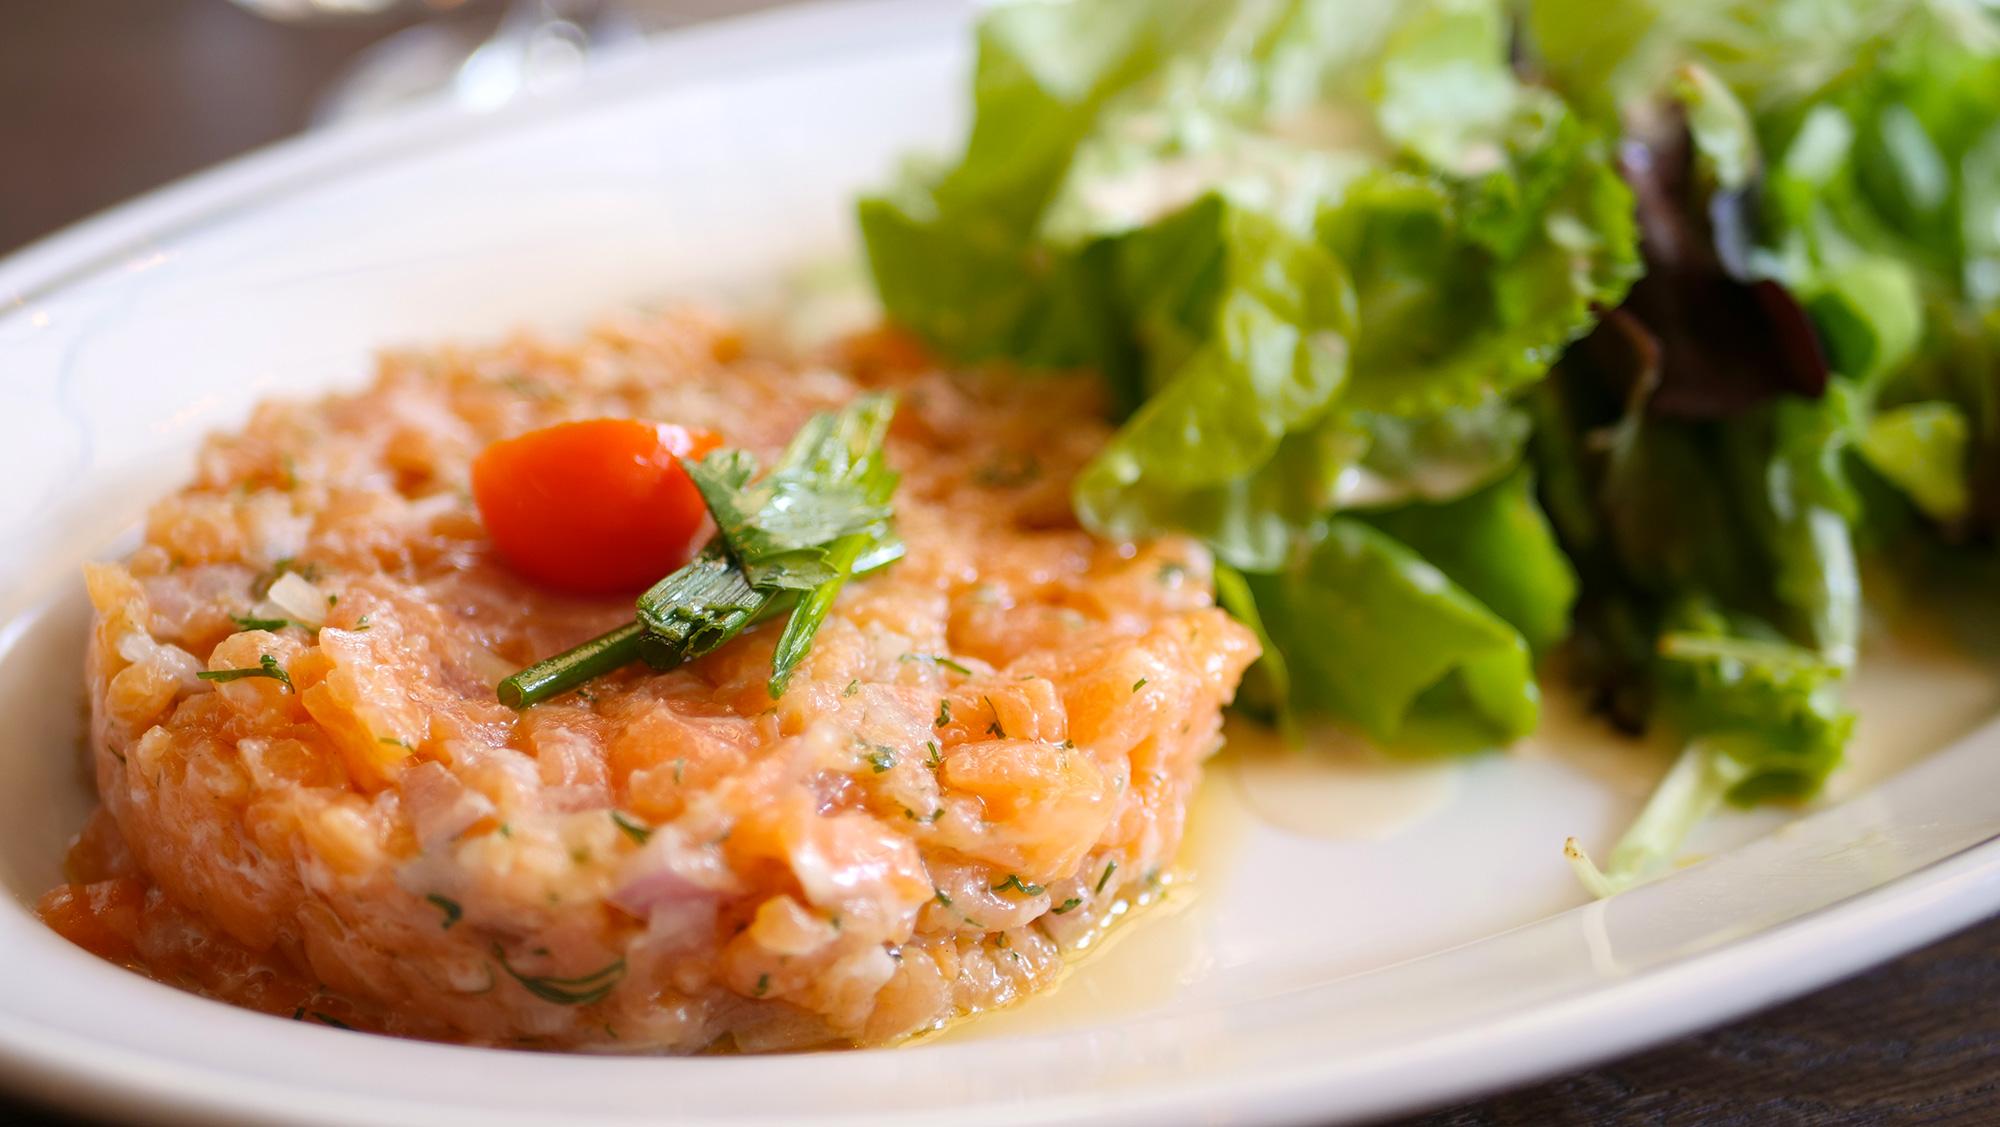 Tartare de saumon brasserie les affranchis Paris 13e